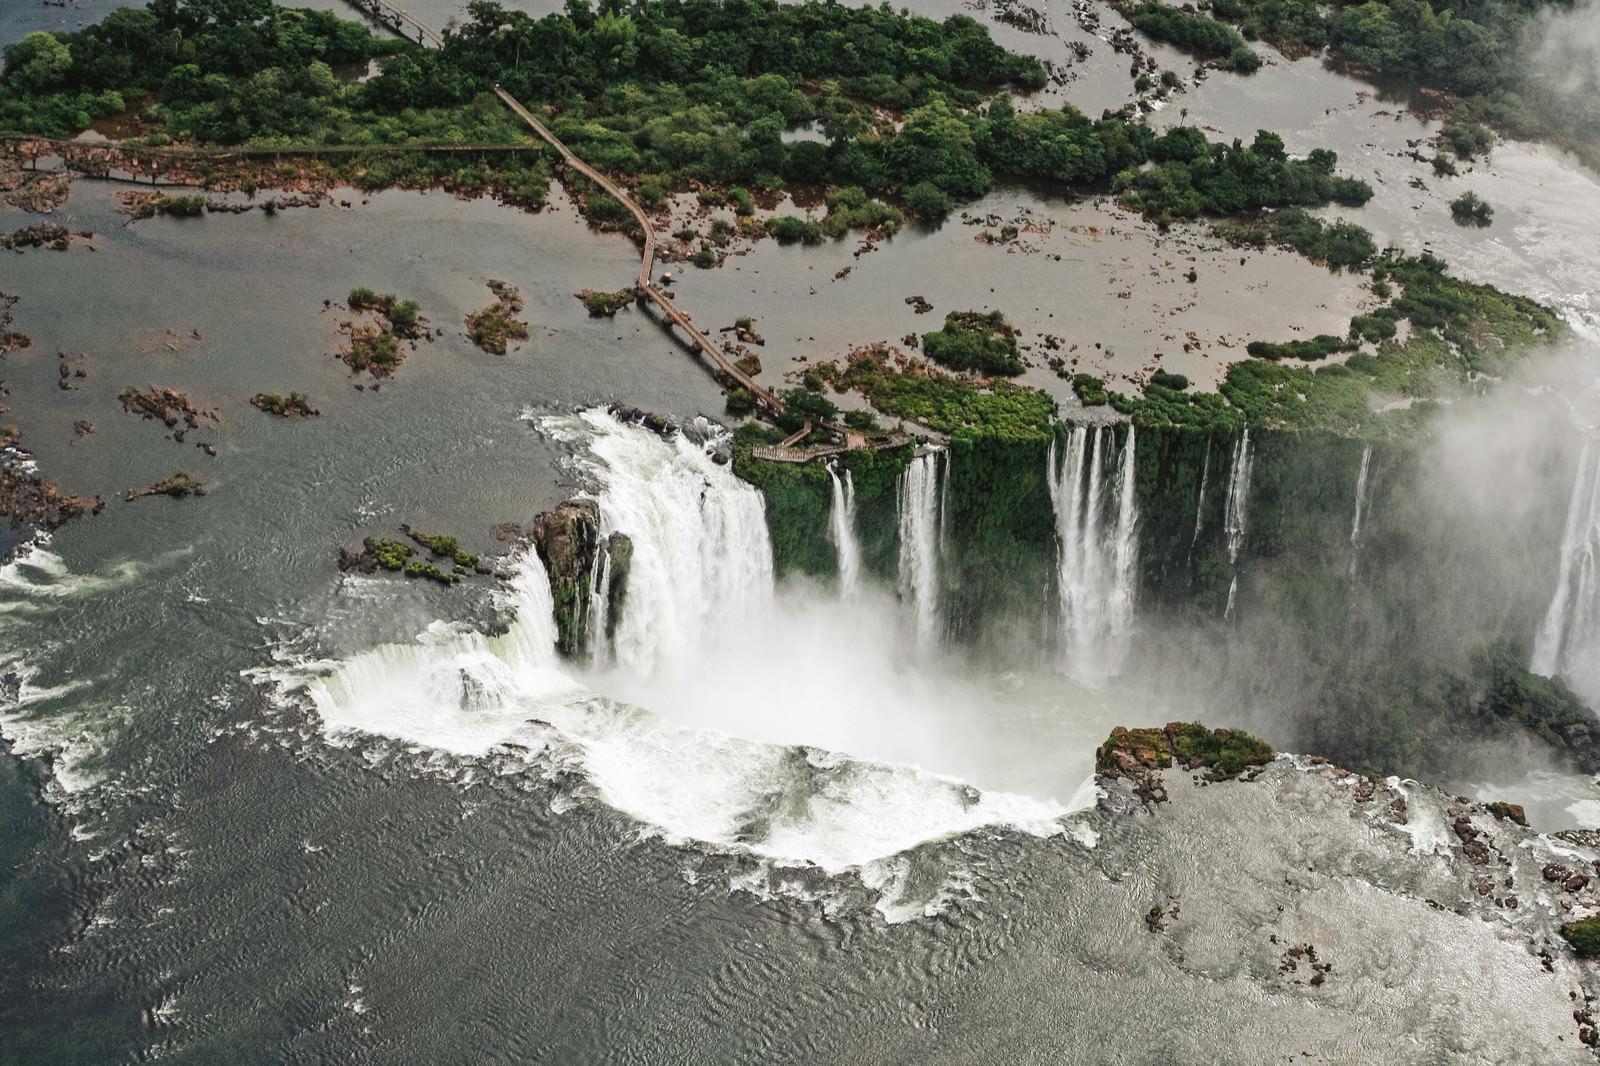 「世界遺産のイグアスの滝(ブラジル)」の写真